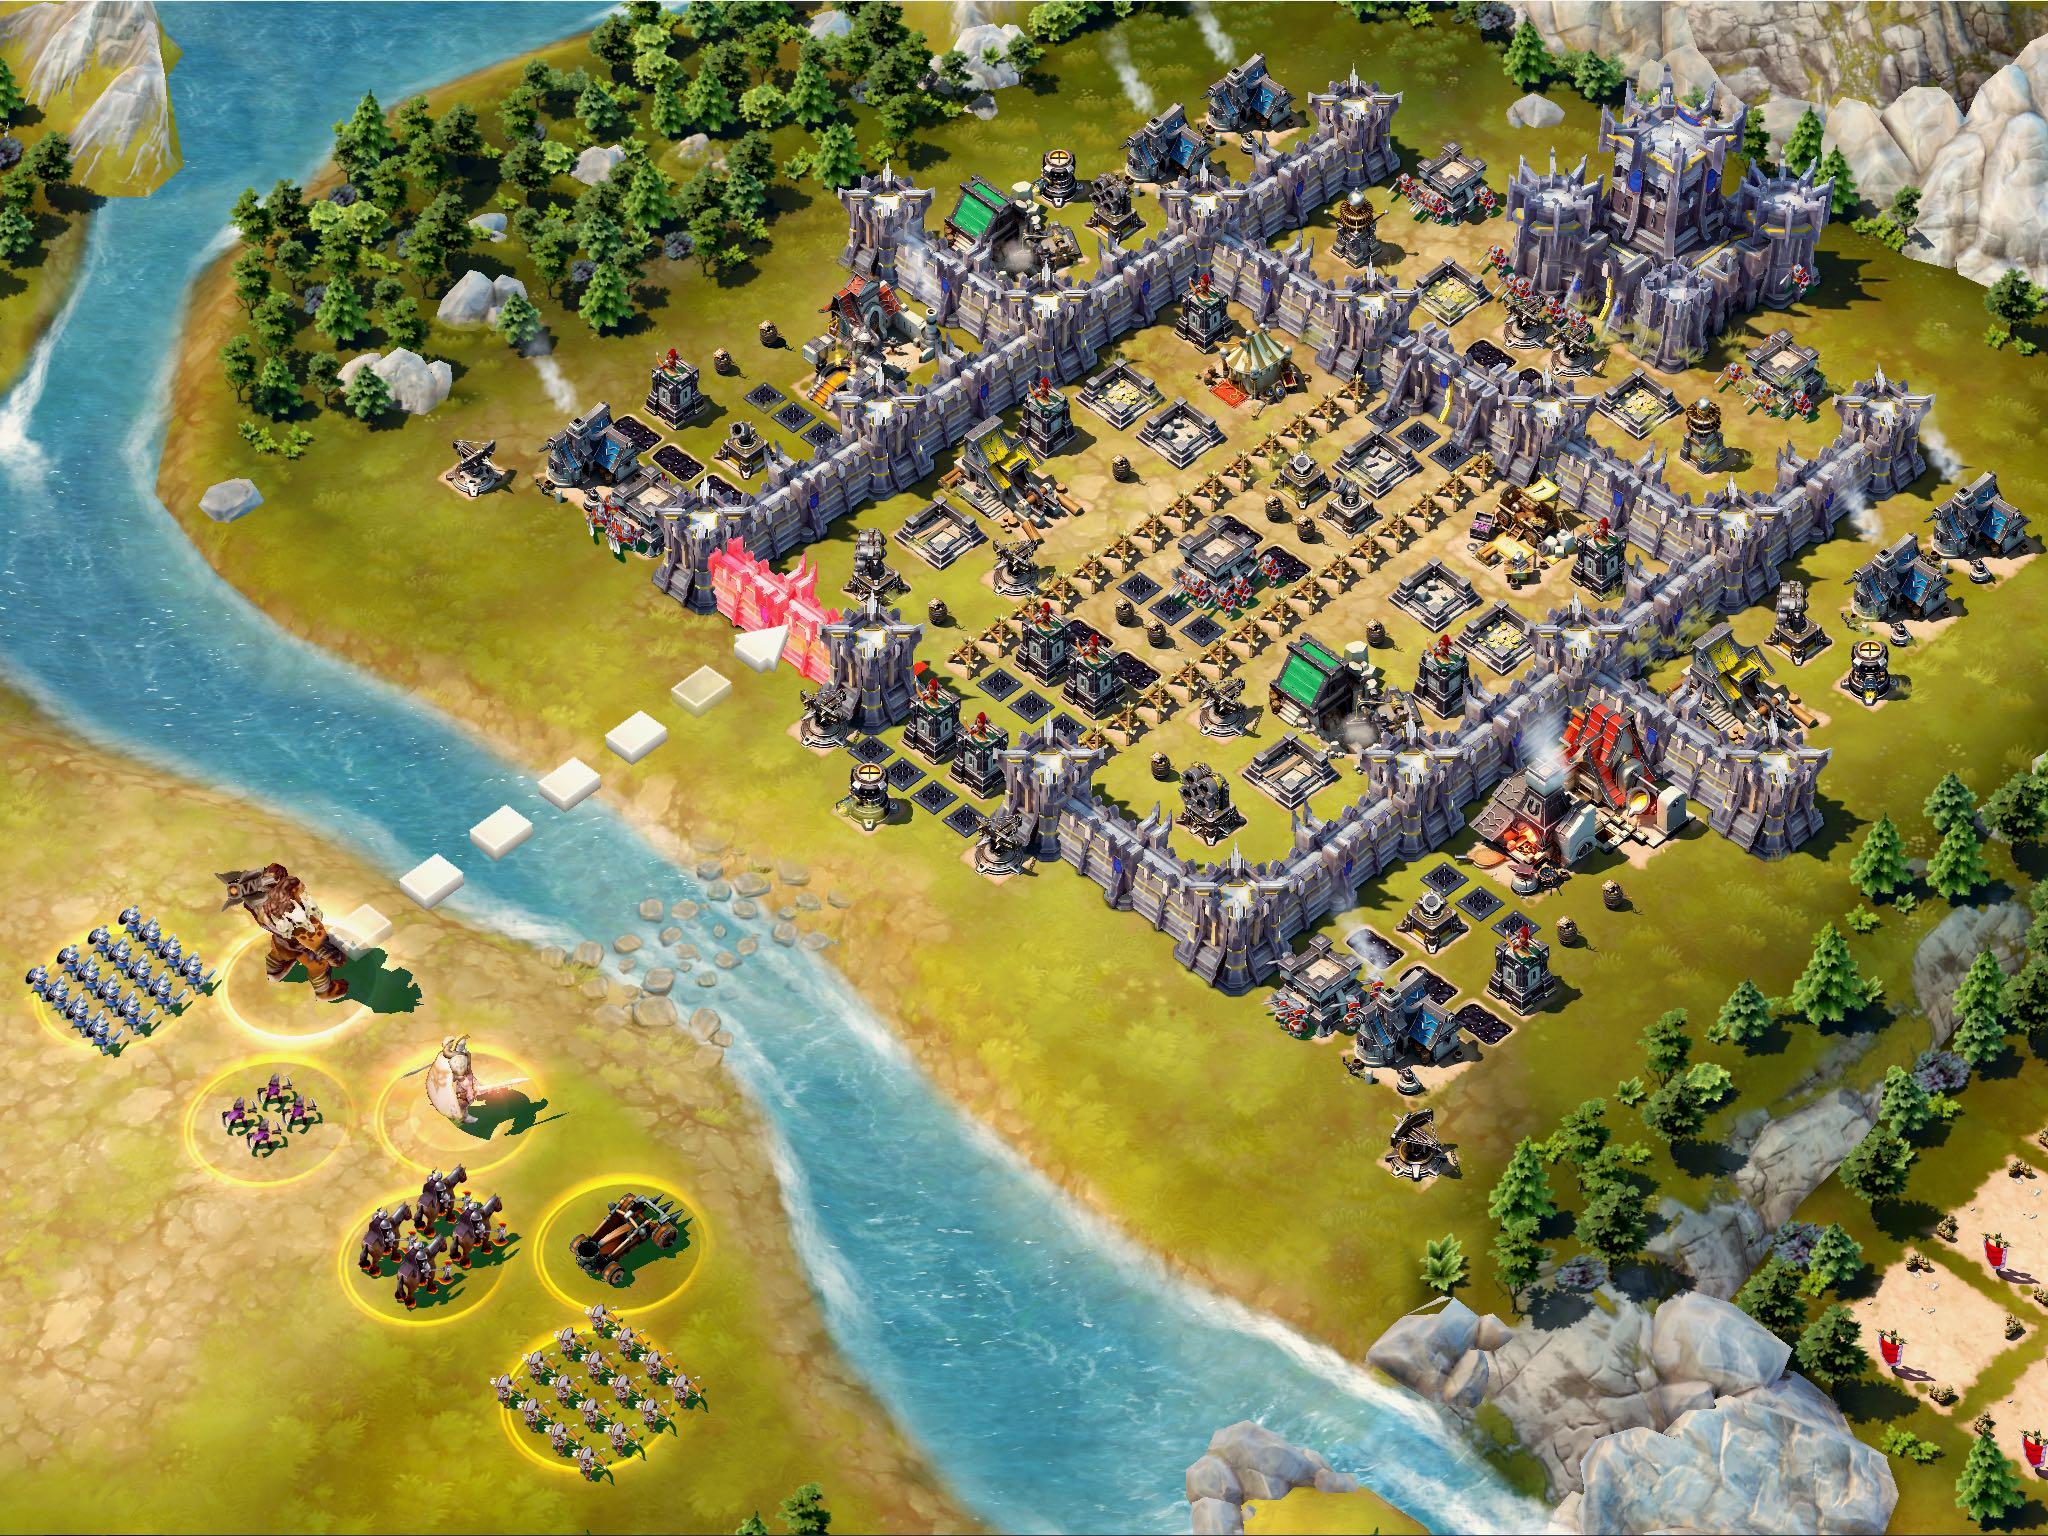 Siegefall for iOS iPad screenshot 006